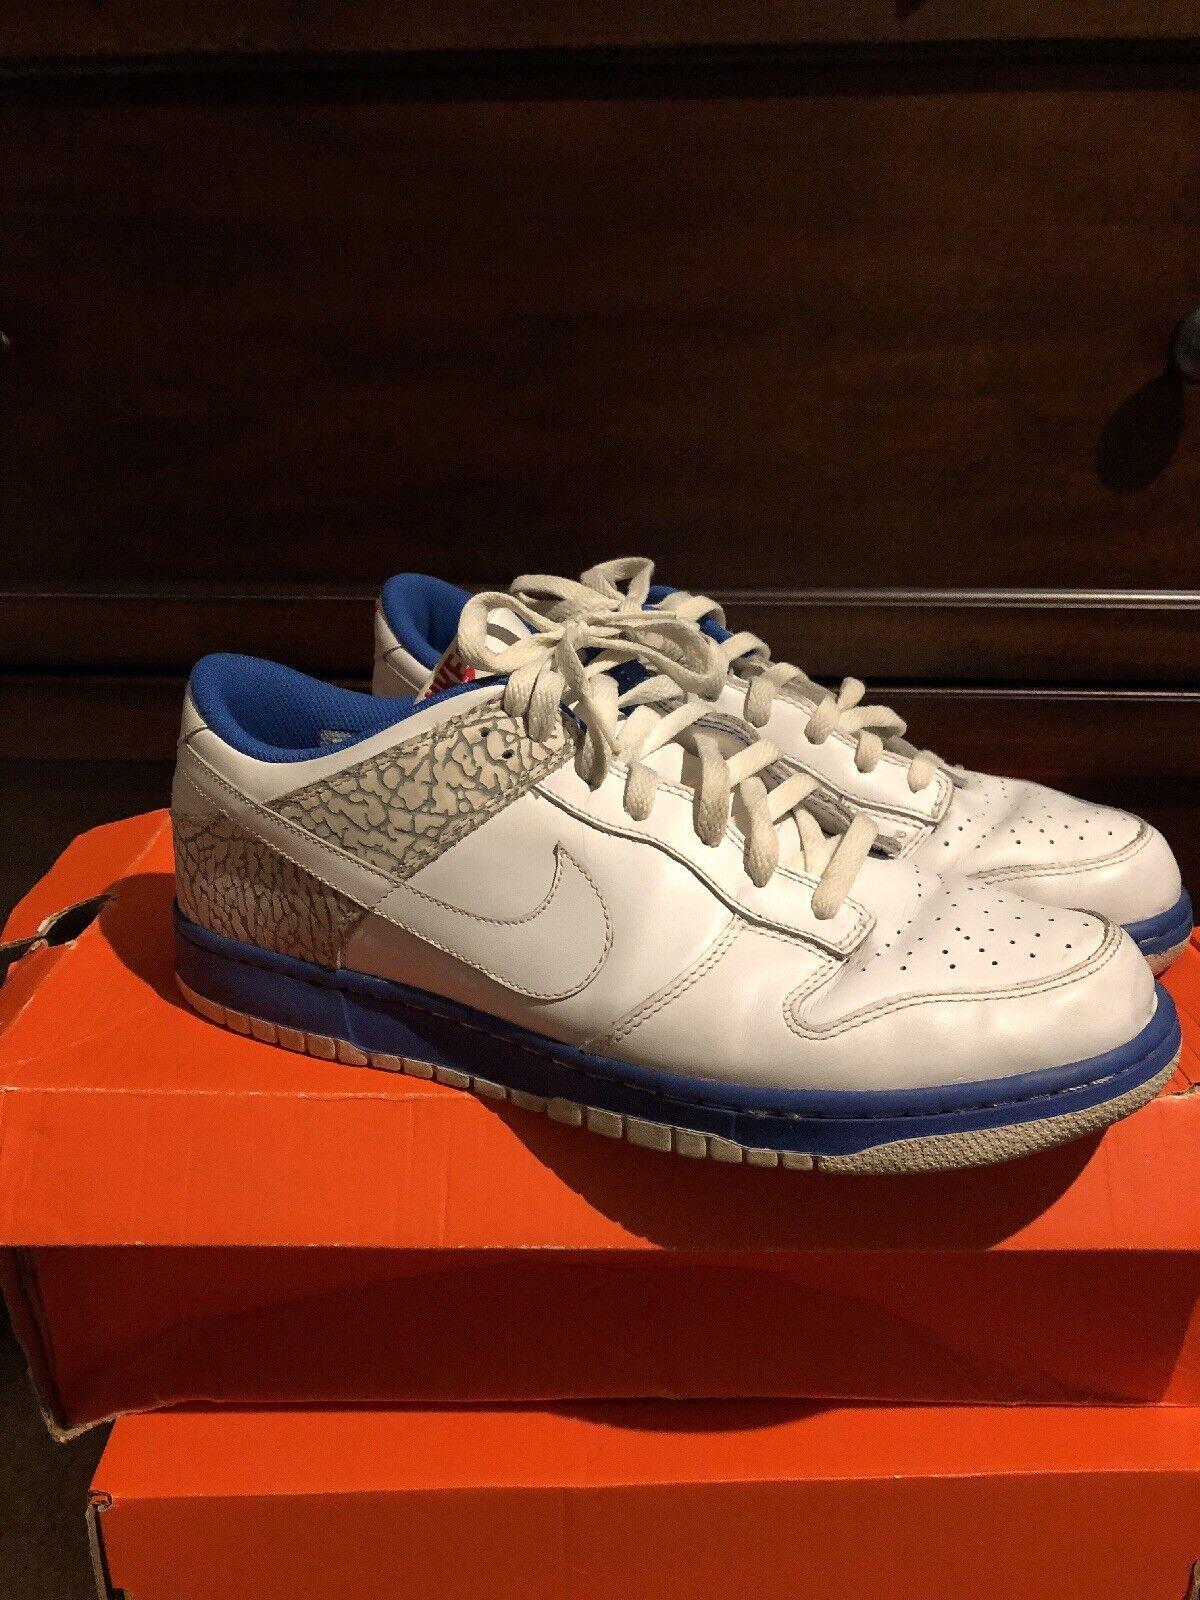 buy popular 923a2 b52fd Nike Dunk cemento 2018 12 Jordan nuevos zapatos zapatos zapatos para  hombres y mujeres, el